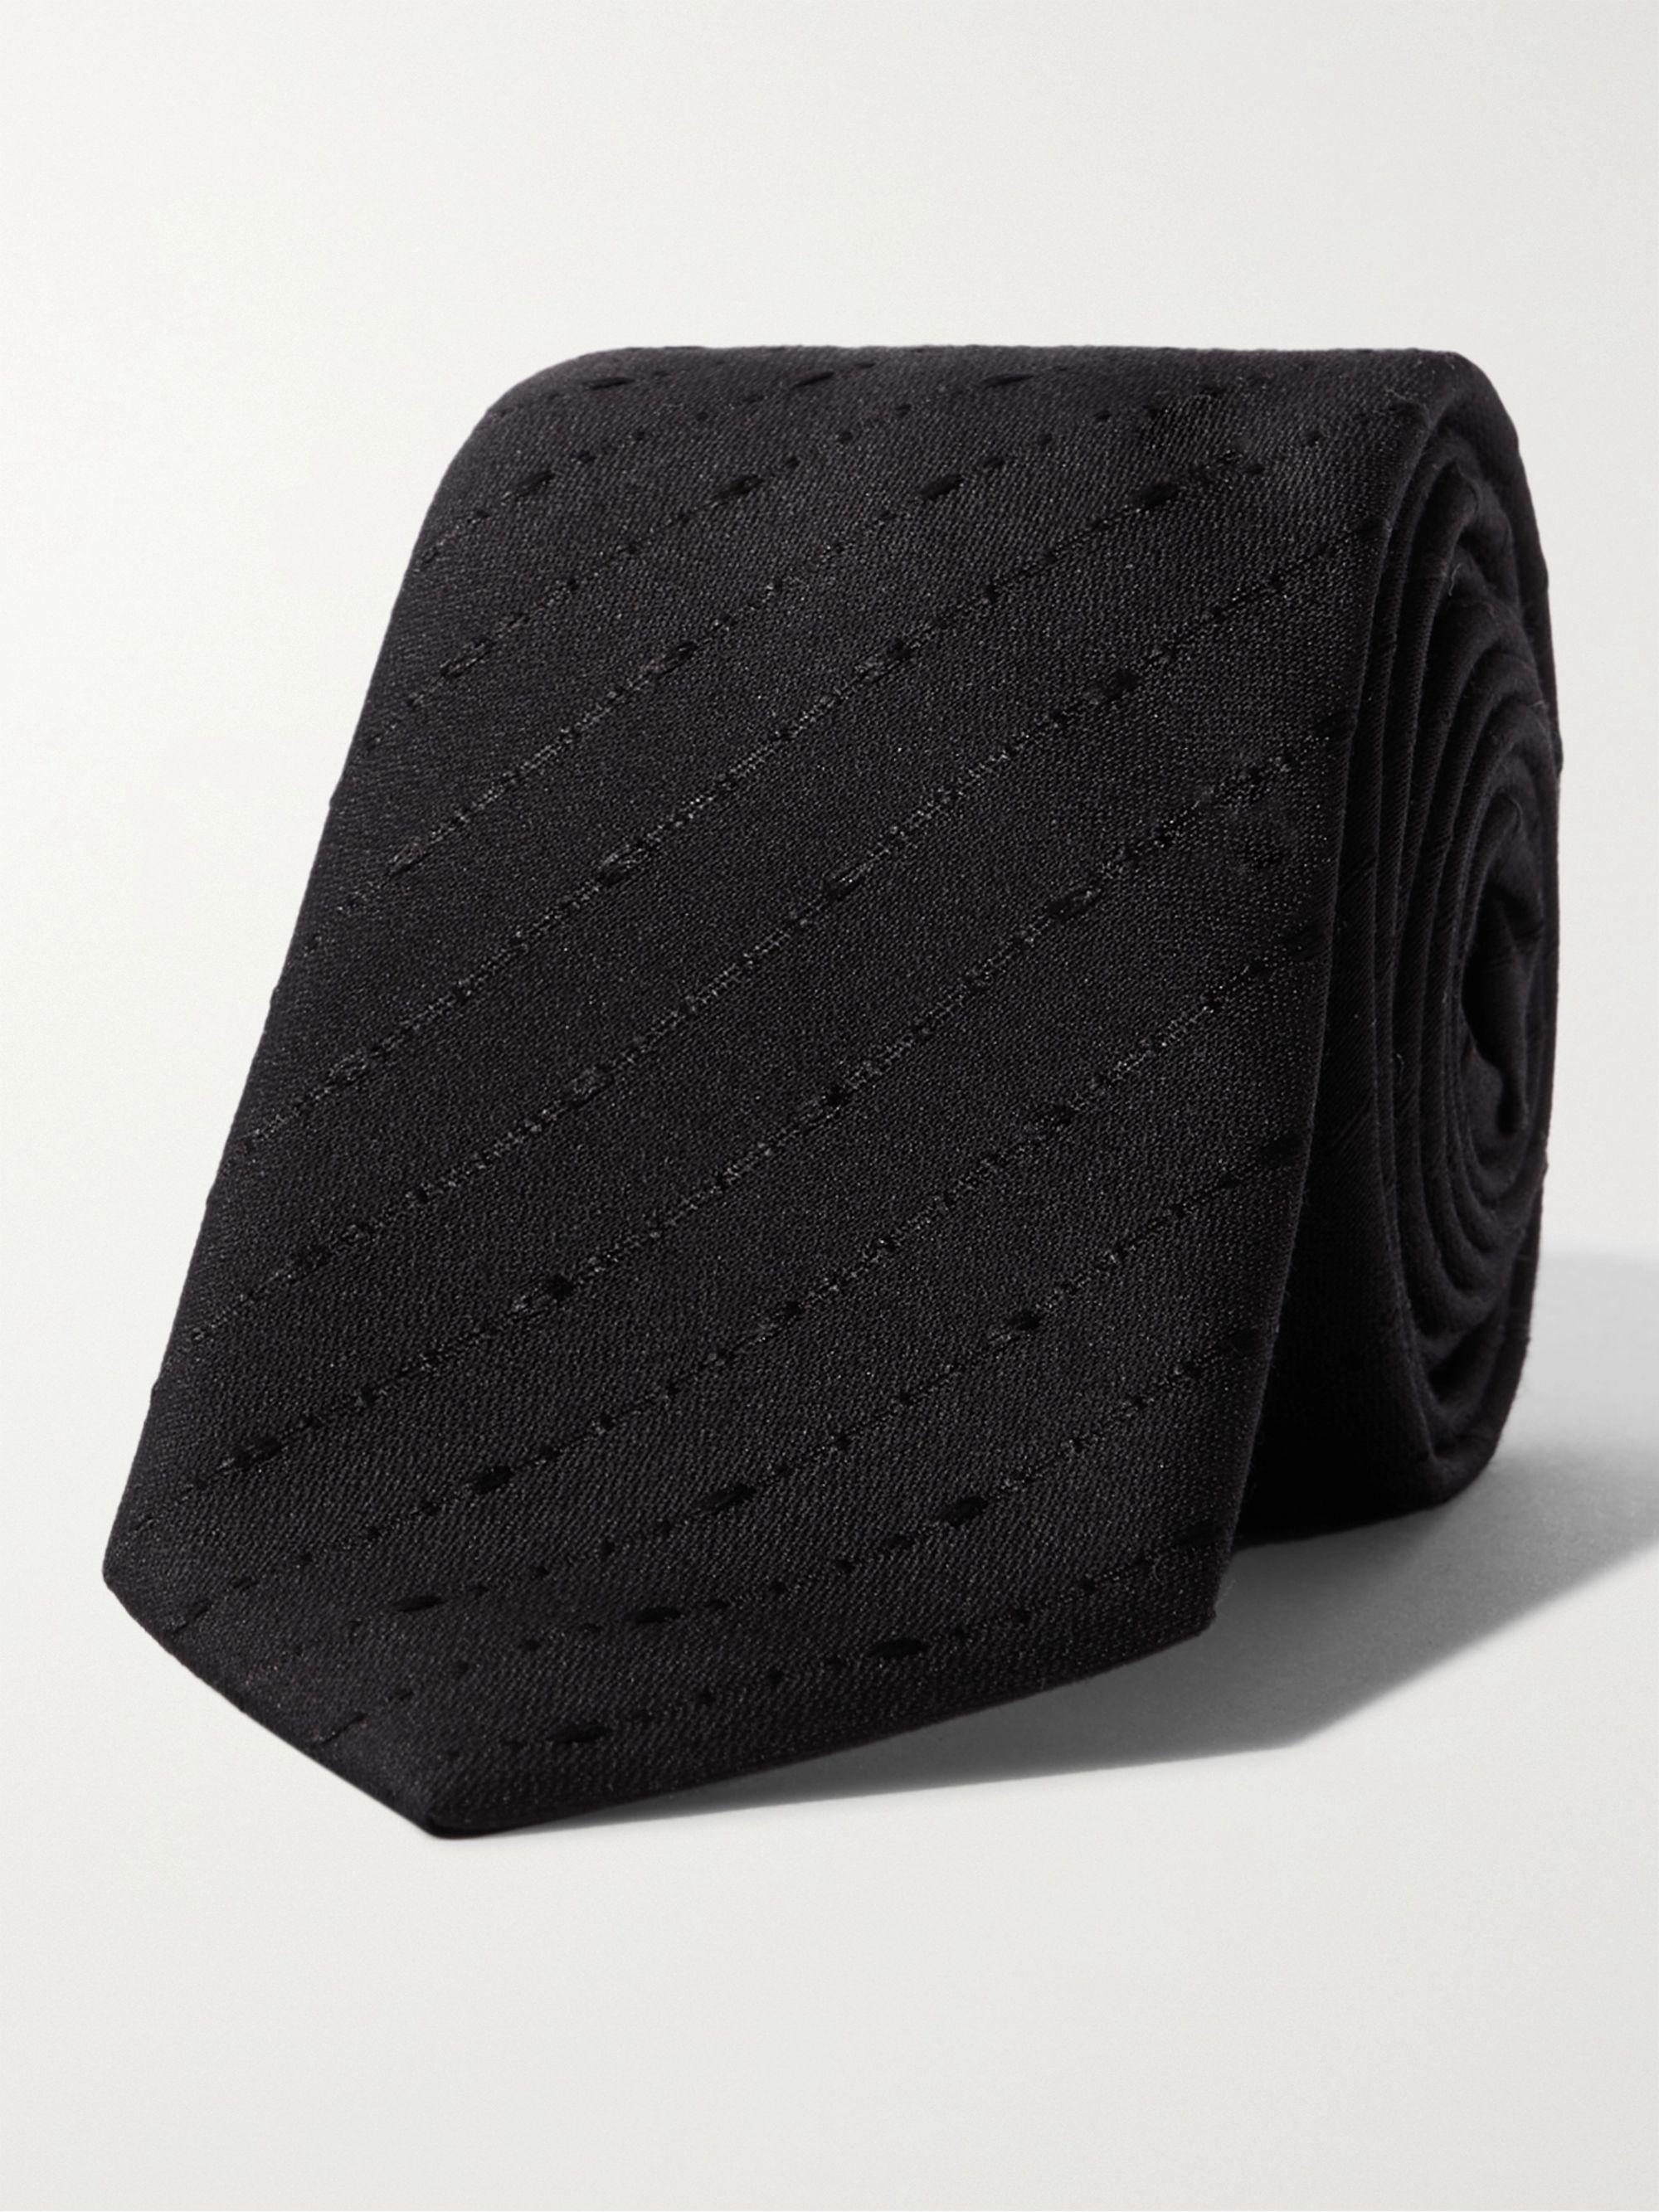 생 로랑 넥타이 Saint Laurent 6cm Fil Coupe Silk and Wool-Blend Tie,Black